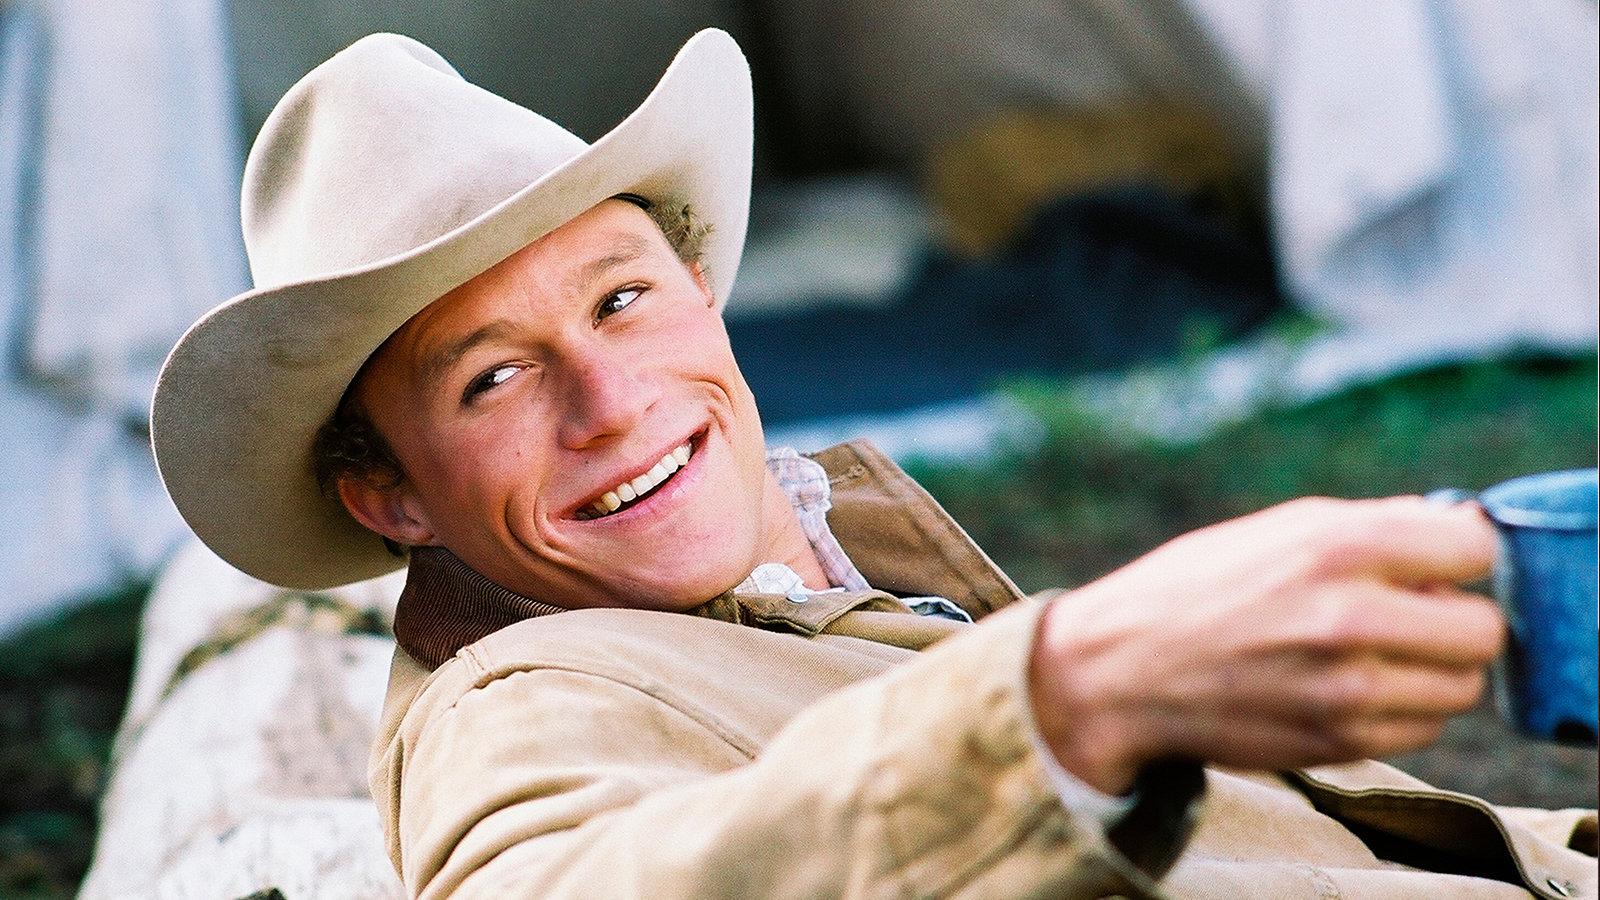 """""""Heath Ledger – to ja"""" –  biografia aktora, który bardzo szybko stał się legendą. W styczniu tylko w Planete+"""